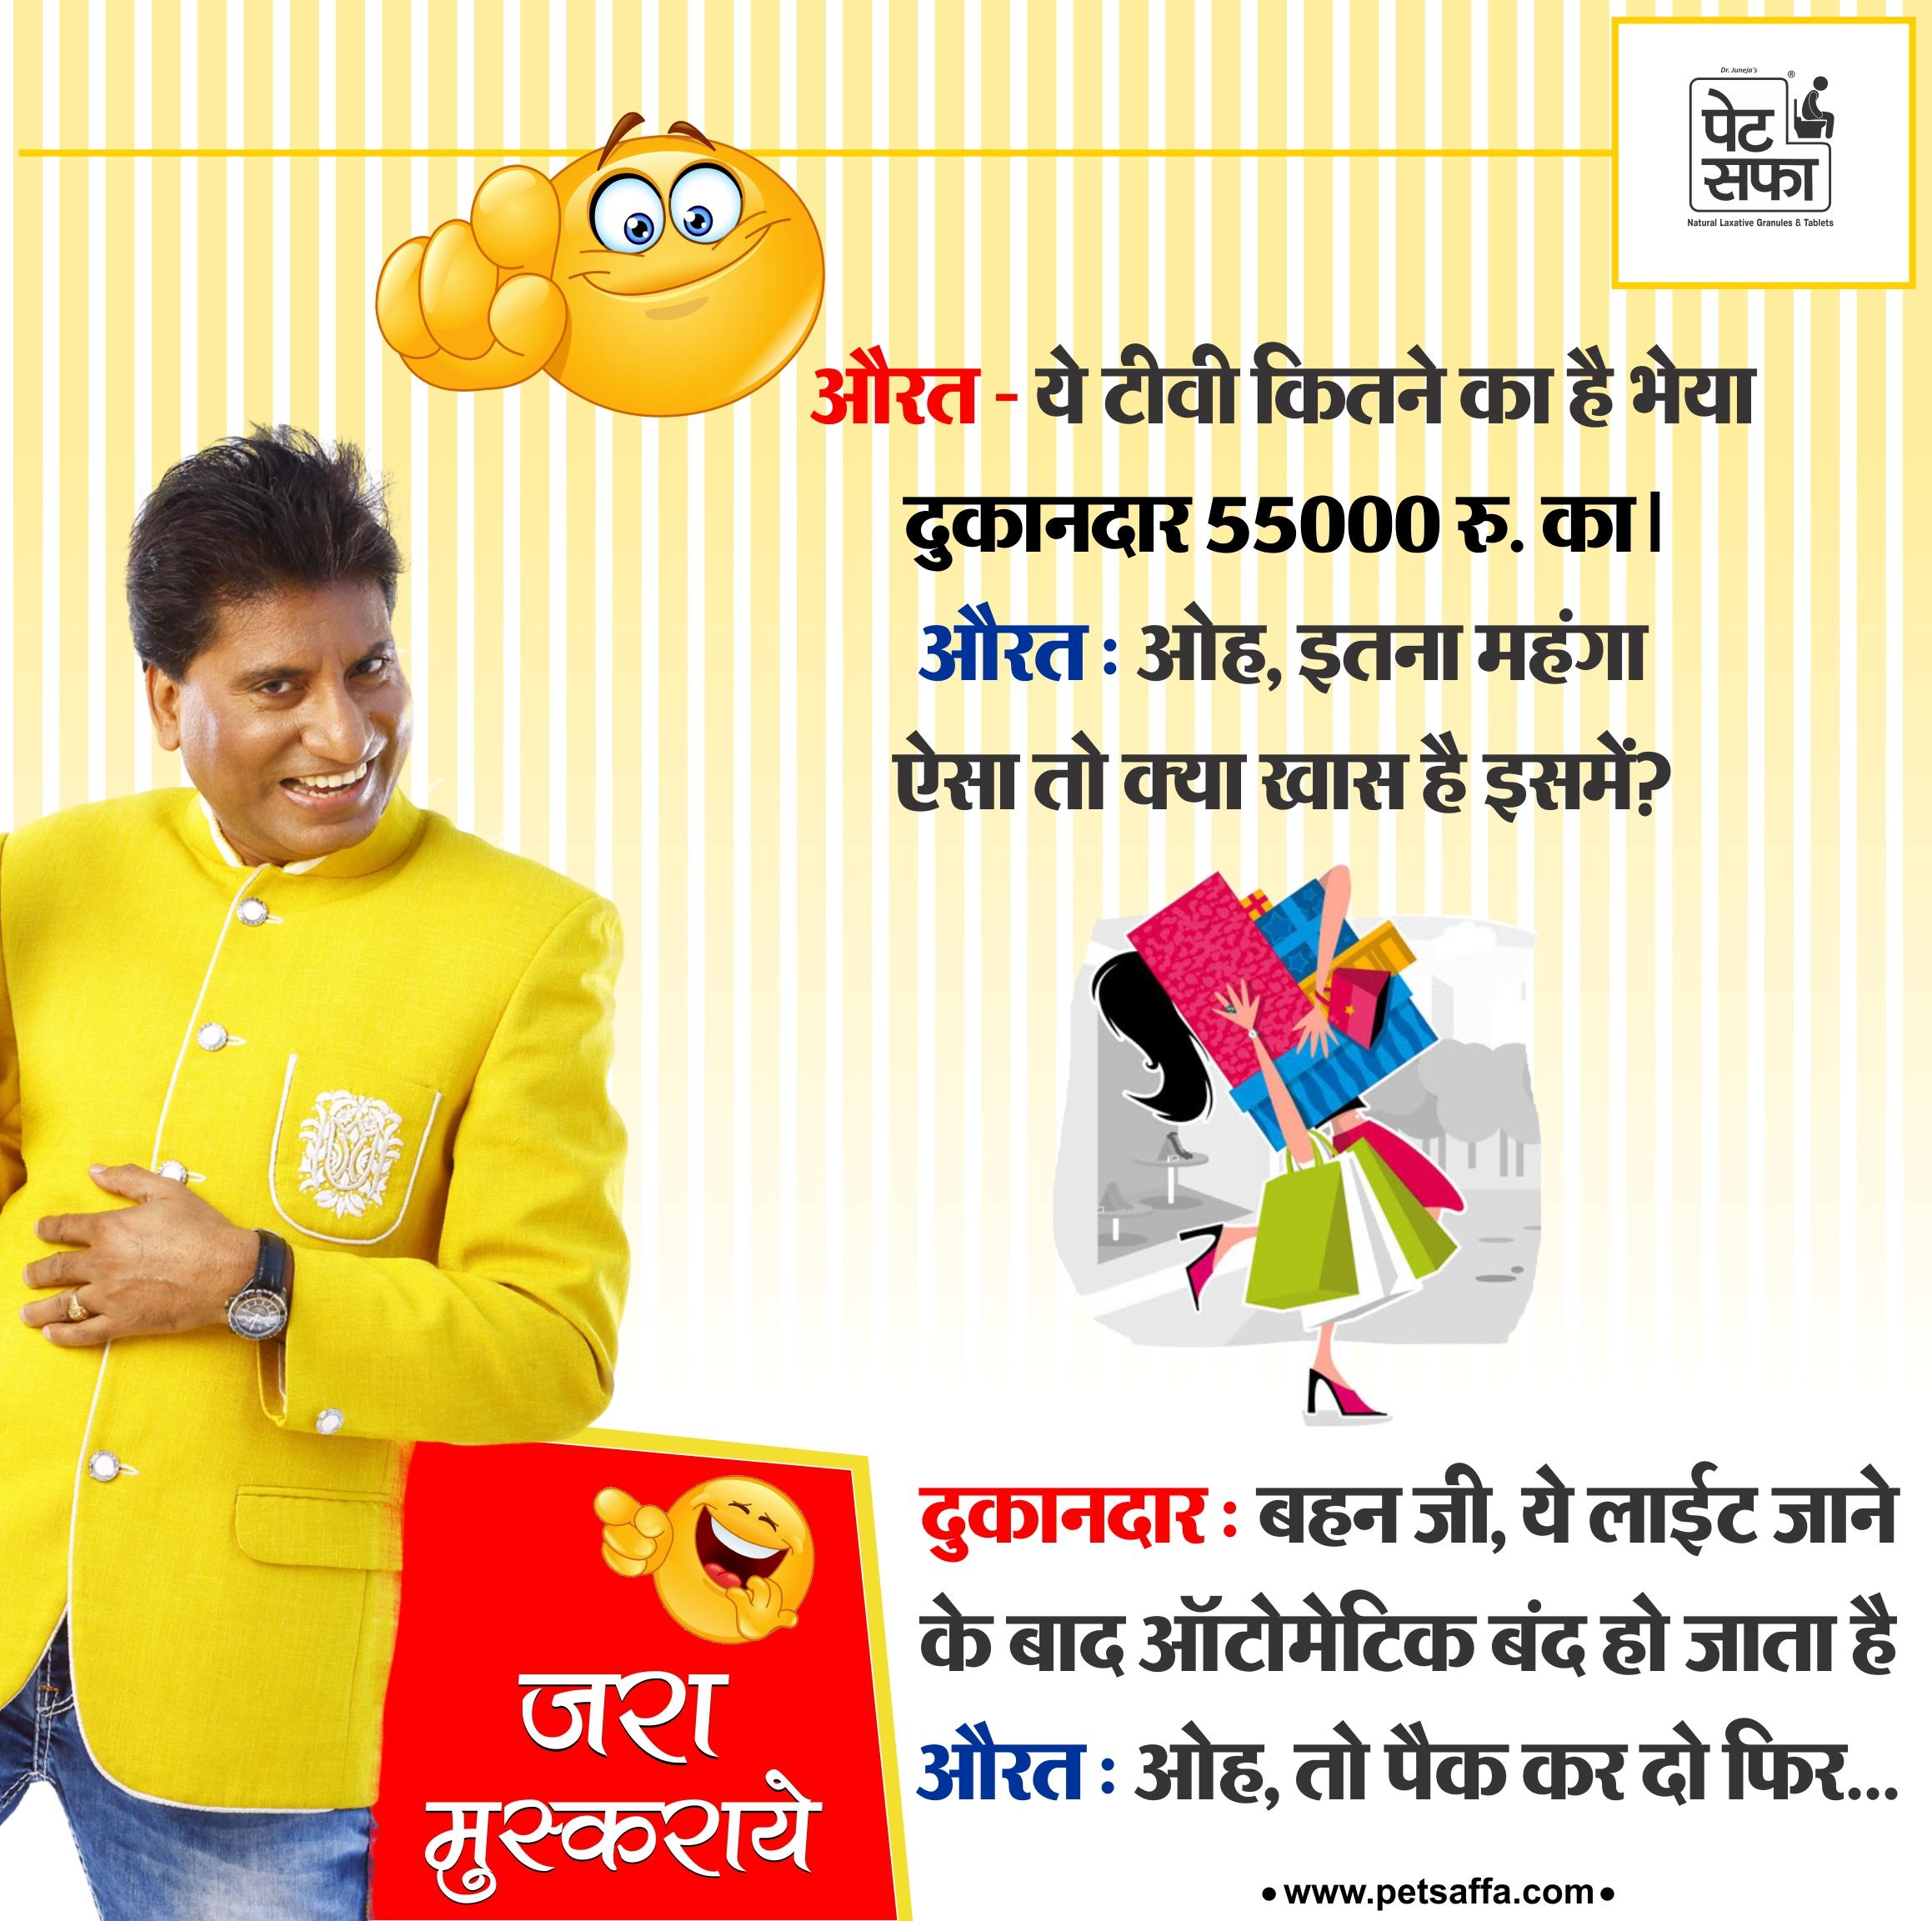 Dukandar jokes in Hindi